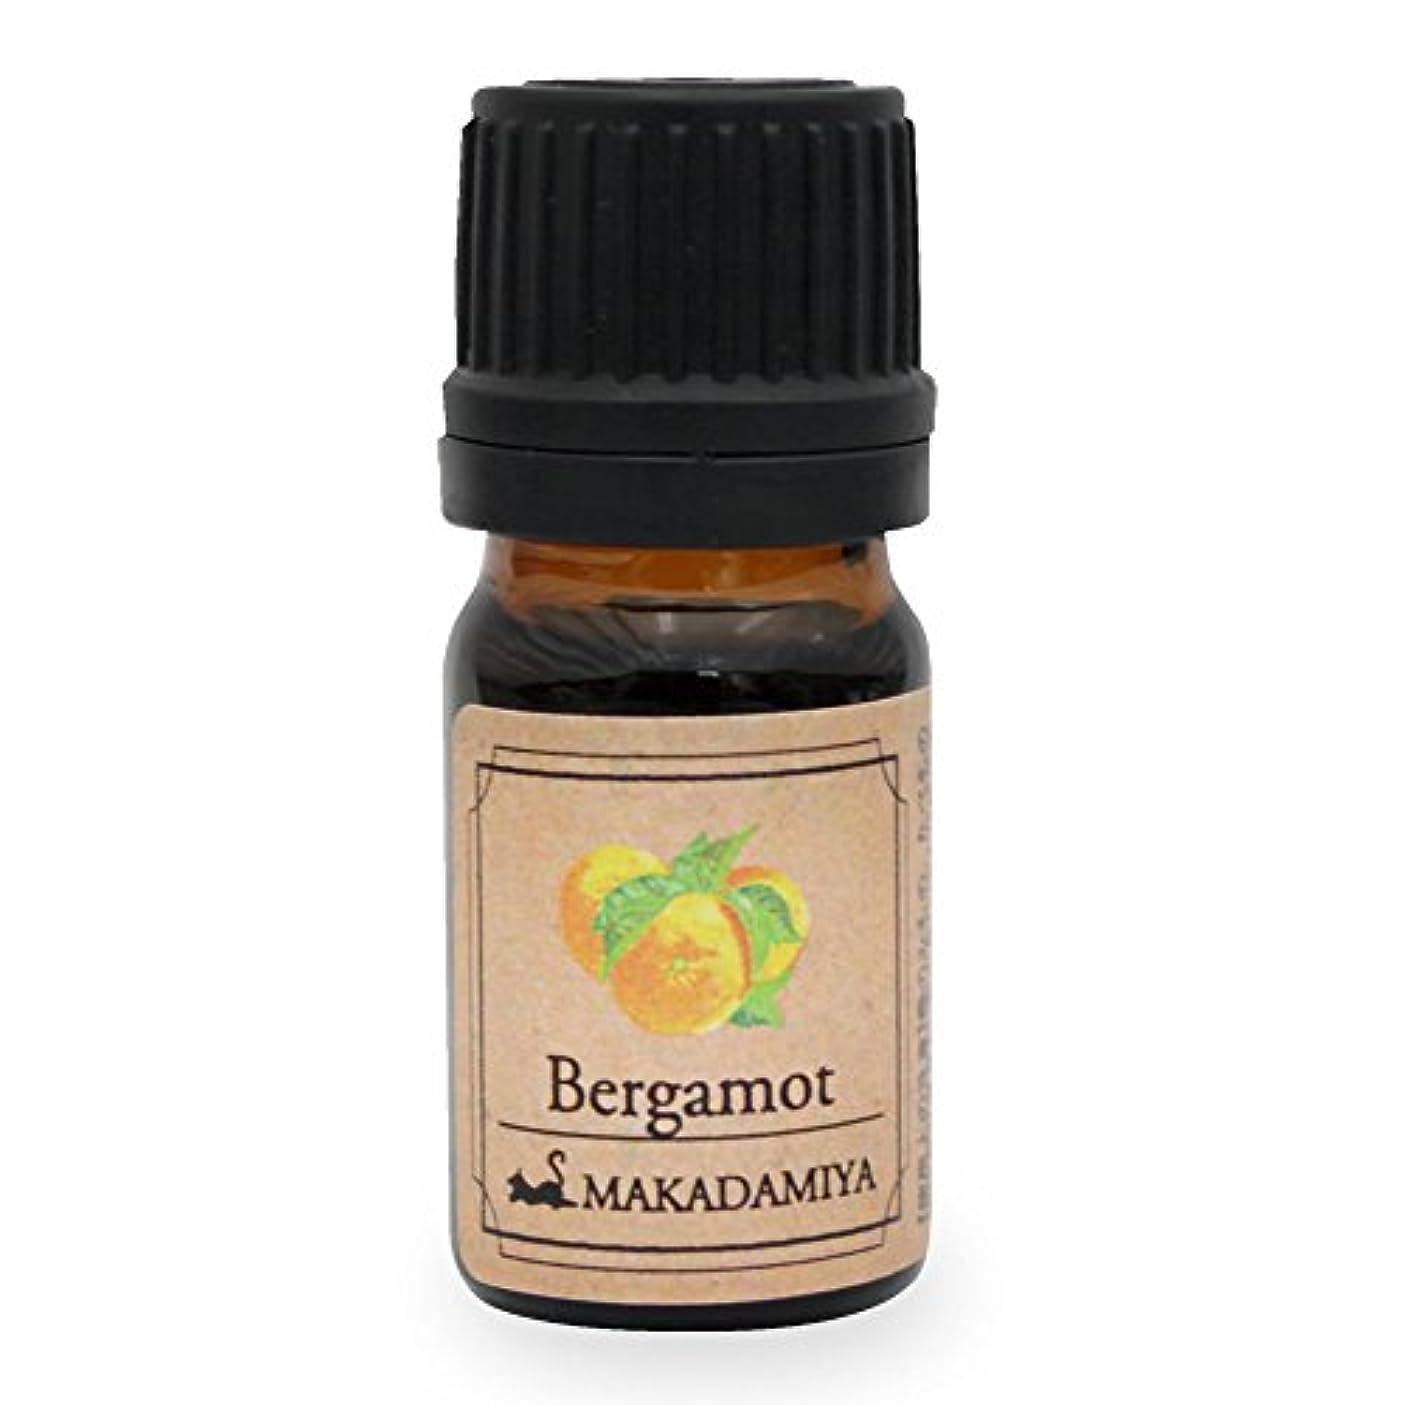 方法運動する日焼けベルガモット5ml 天然100%植物性 エッセンシャルオイル(精油) アロマオイル アロママッサージ aroma Bergamot